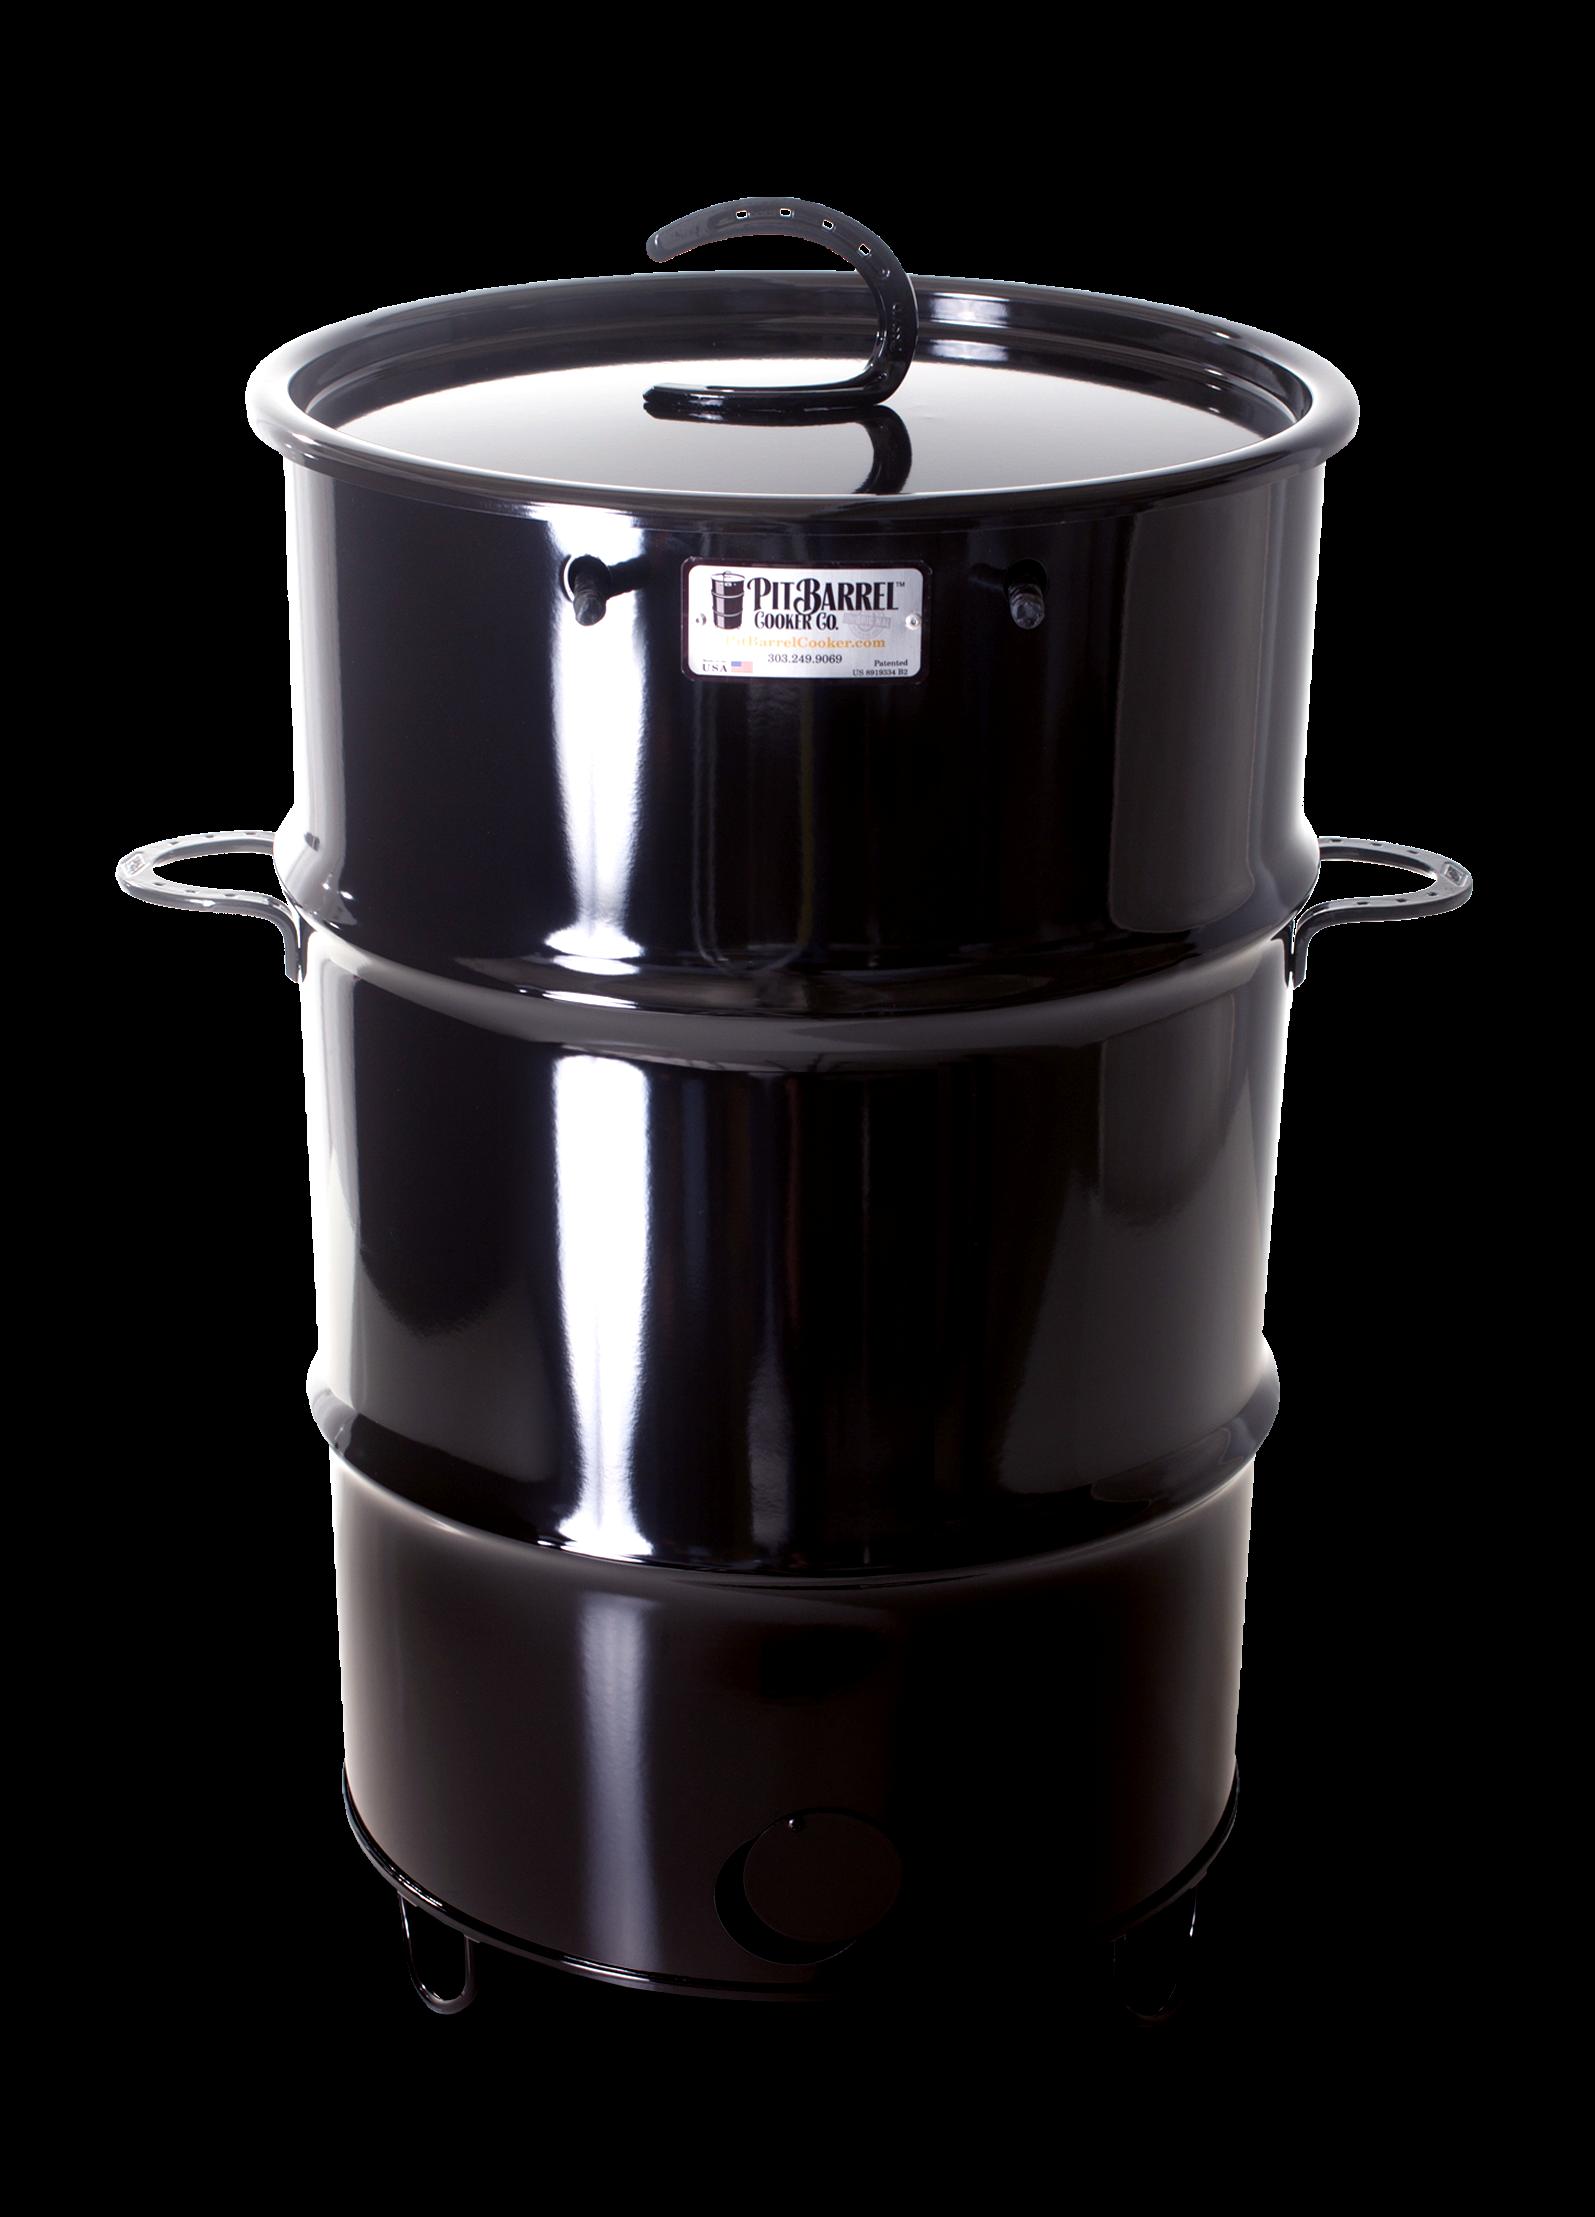 Win a Pit Barrel Cooker